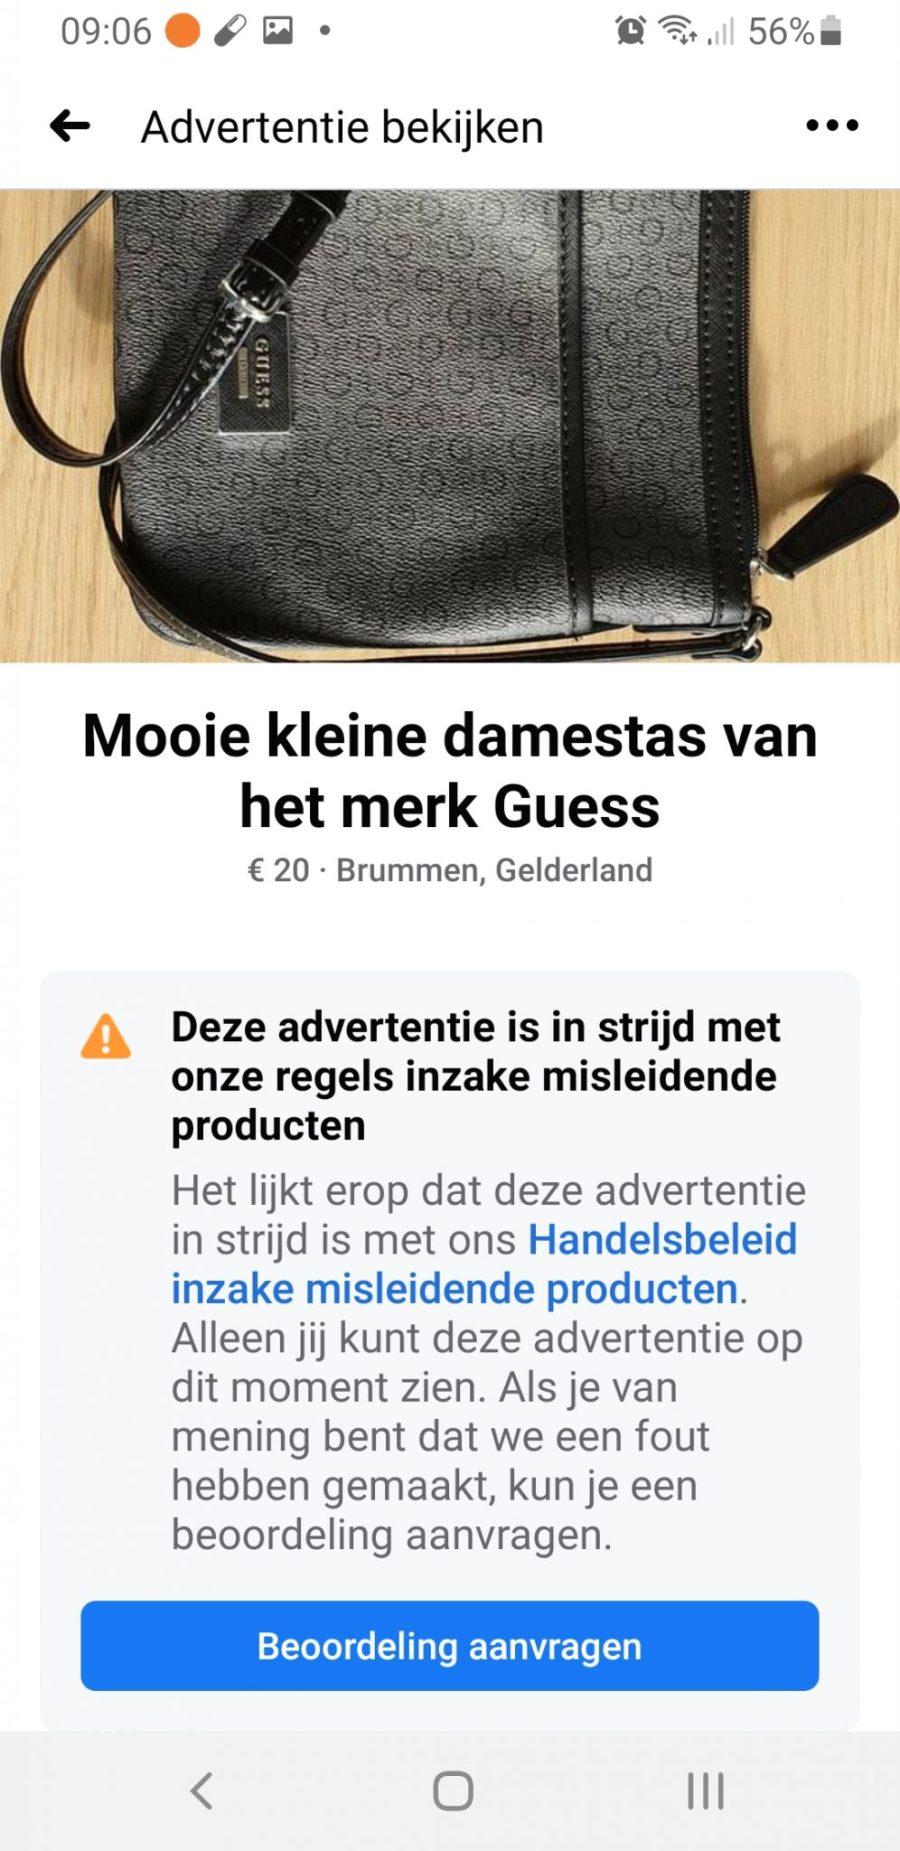 Mijn advertientie was in strijd met de regels van Facebook inzake misleidende producten.